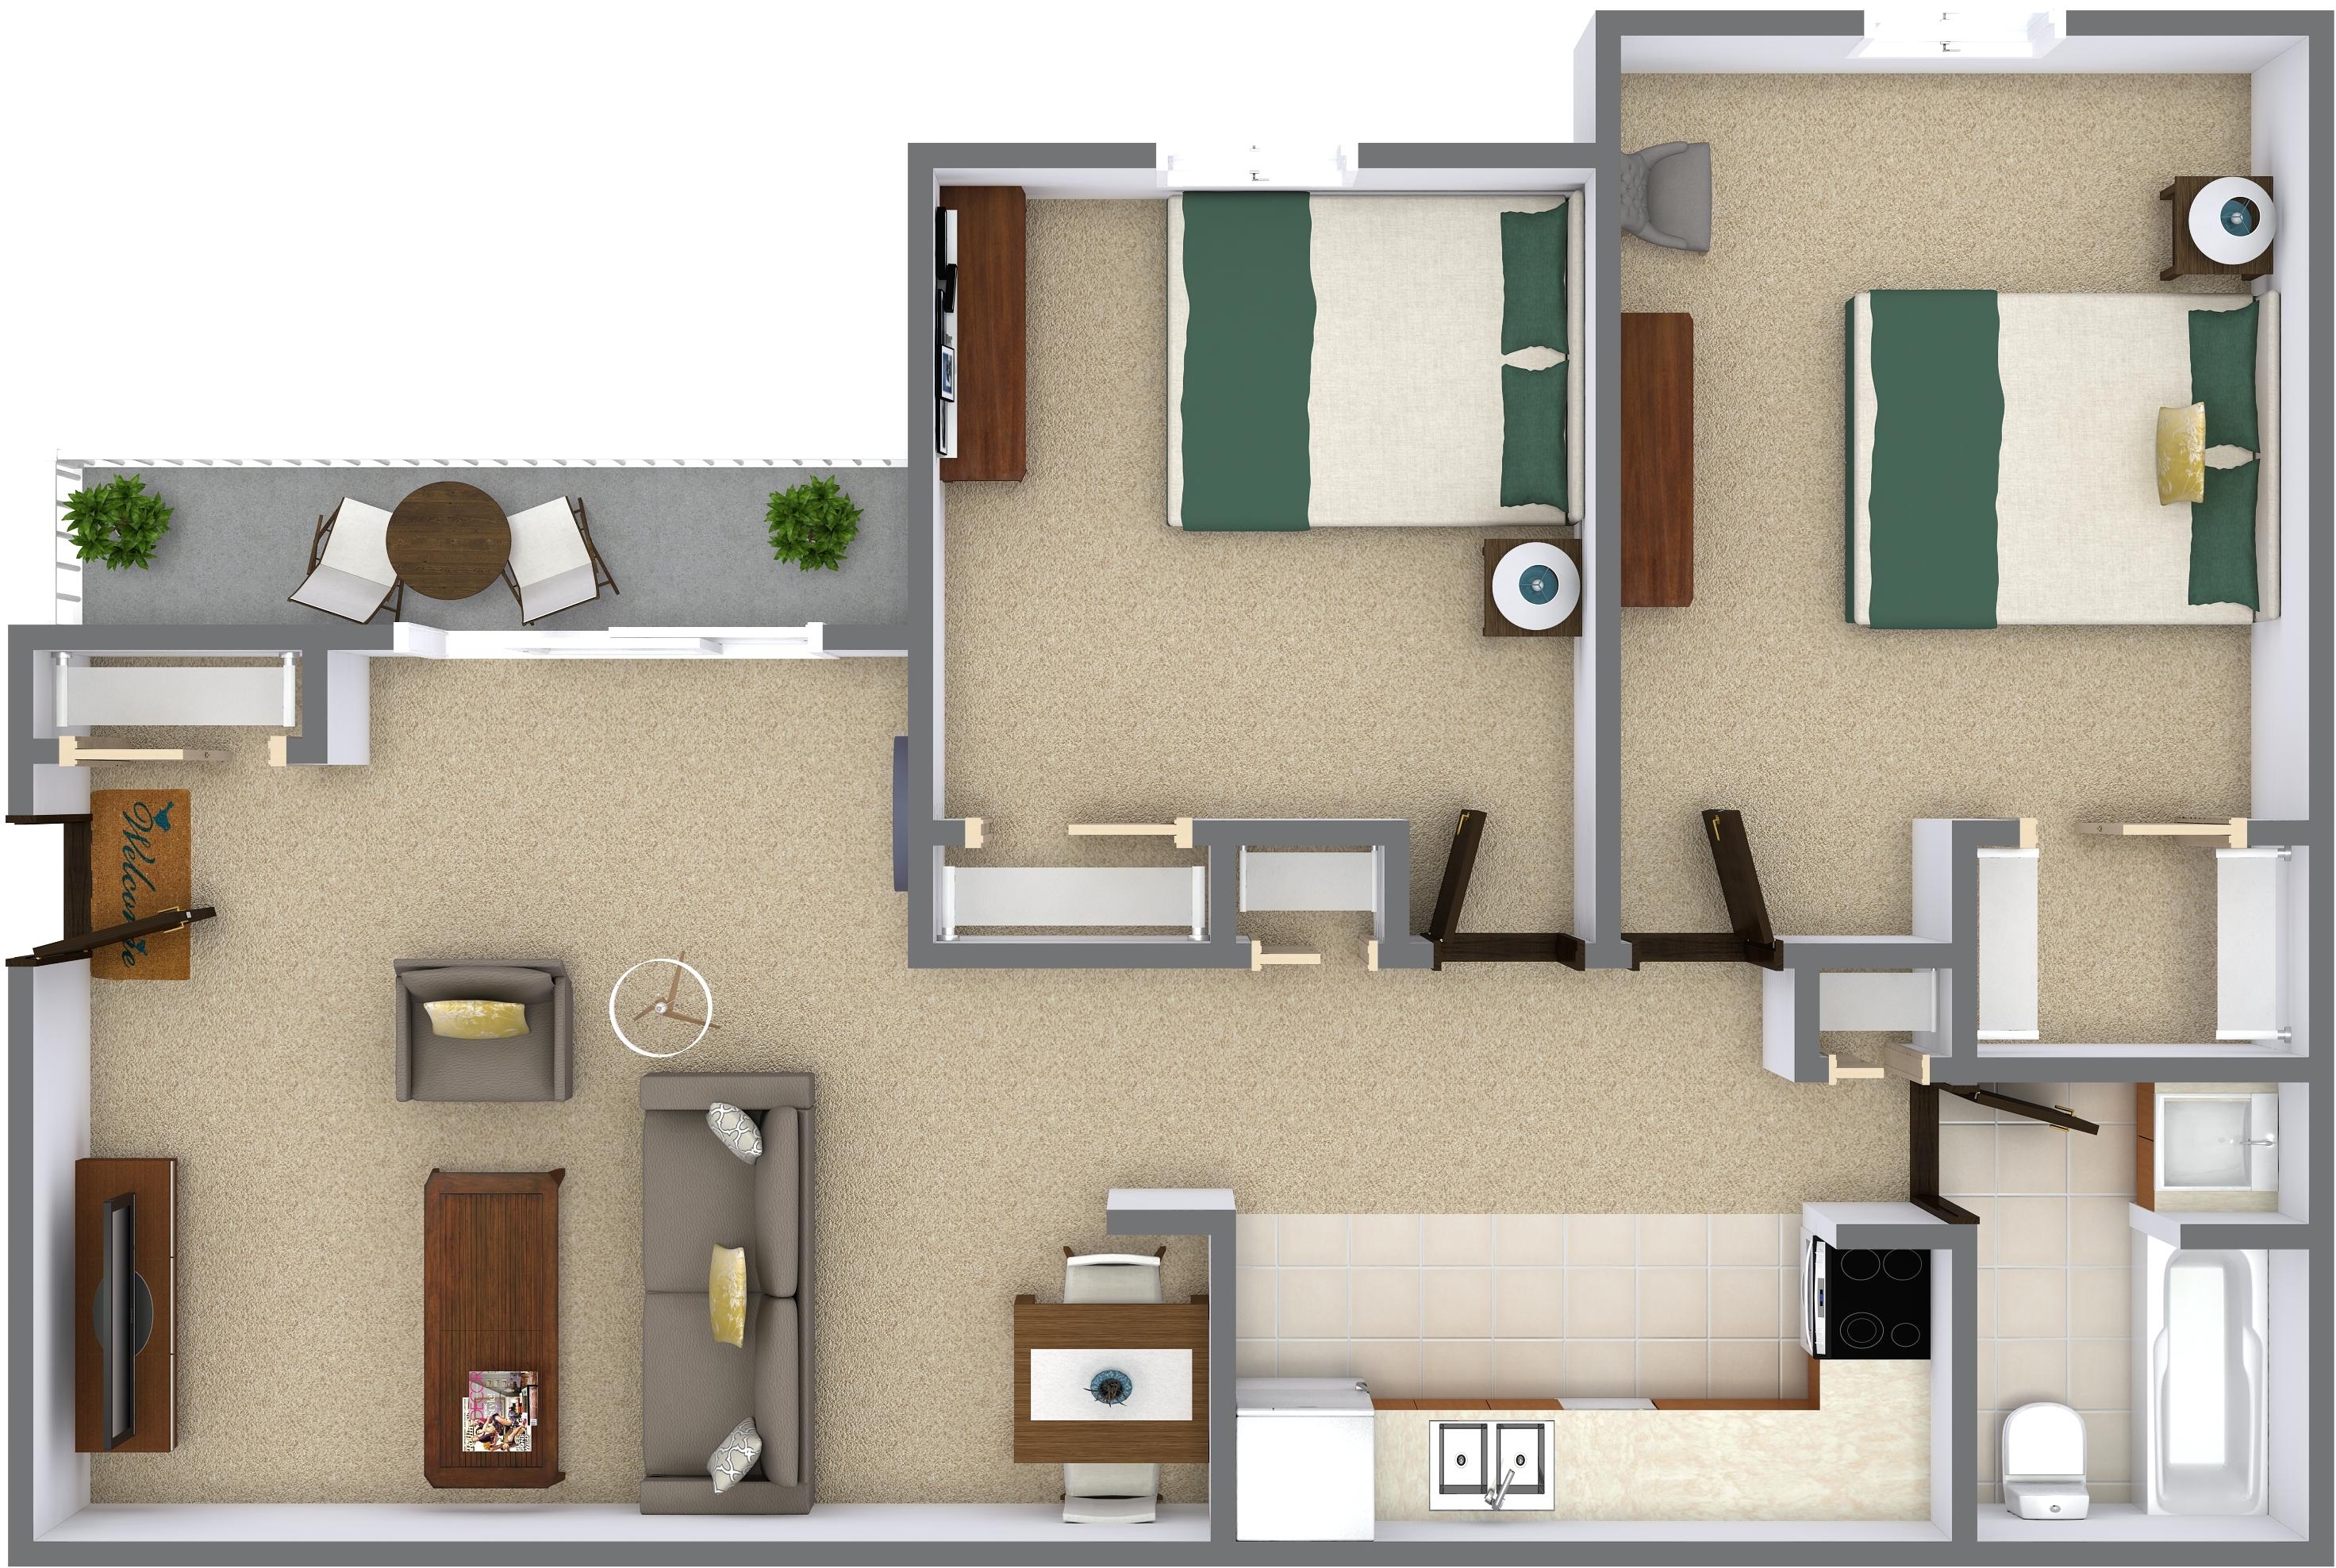 2 Bedrooms - $1000